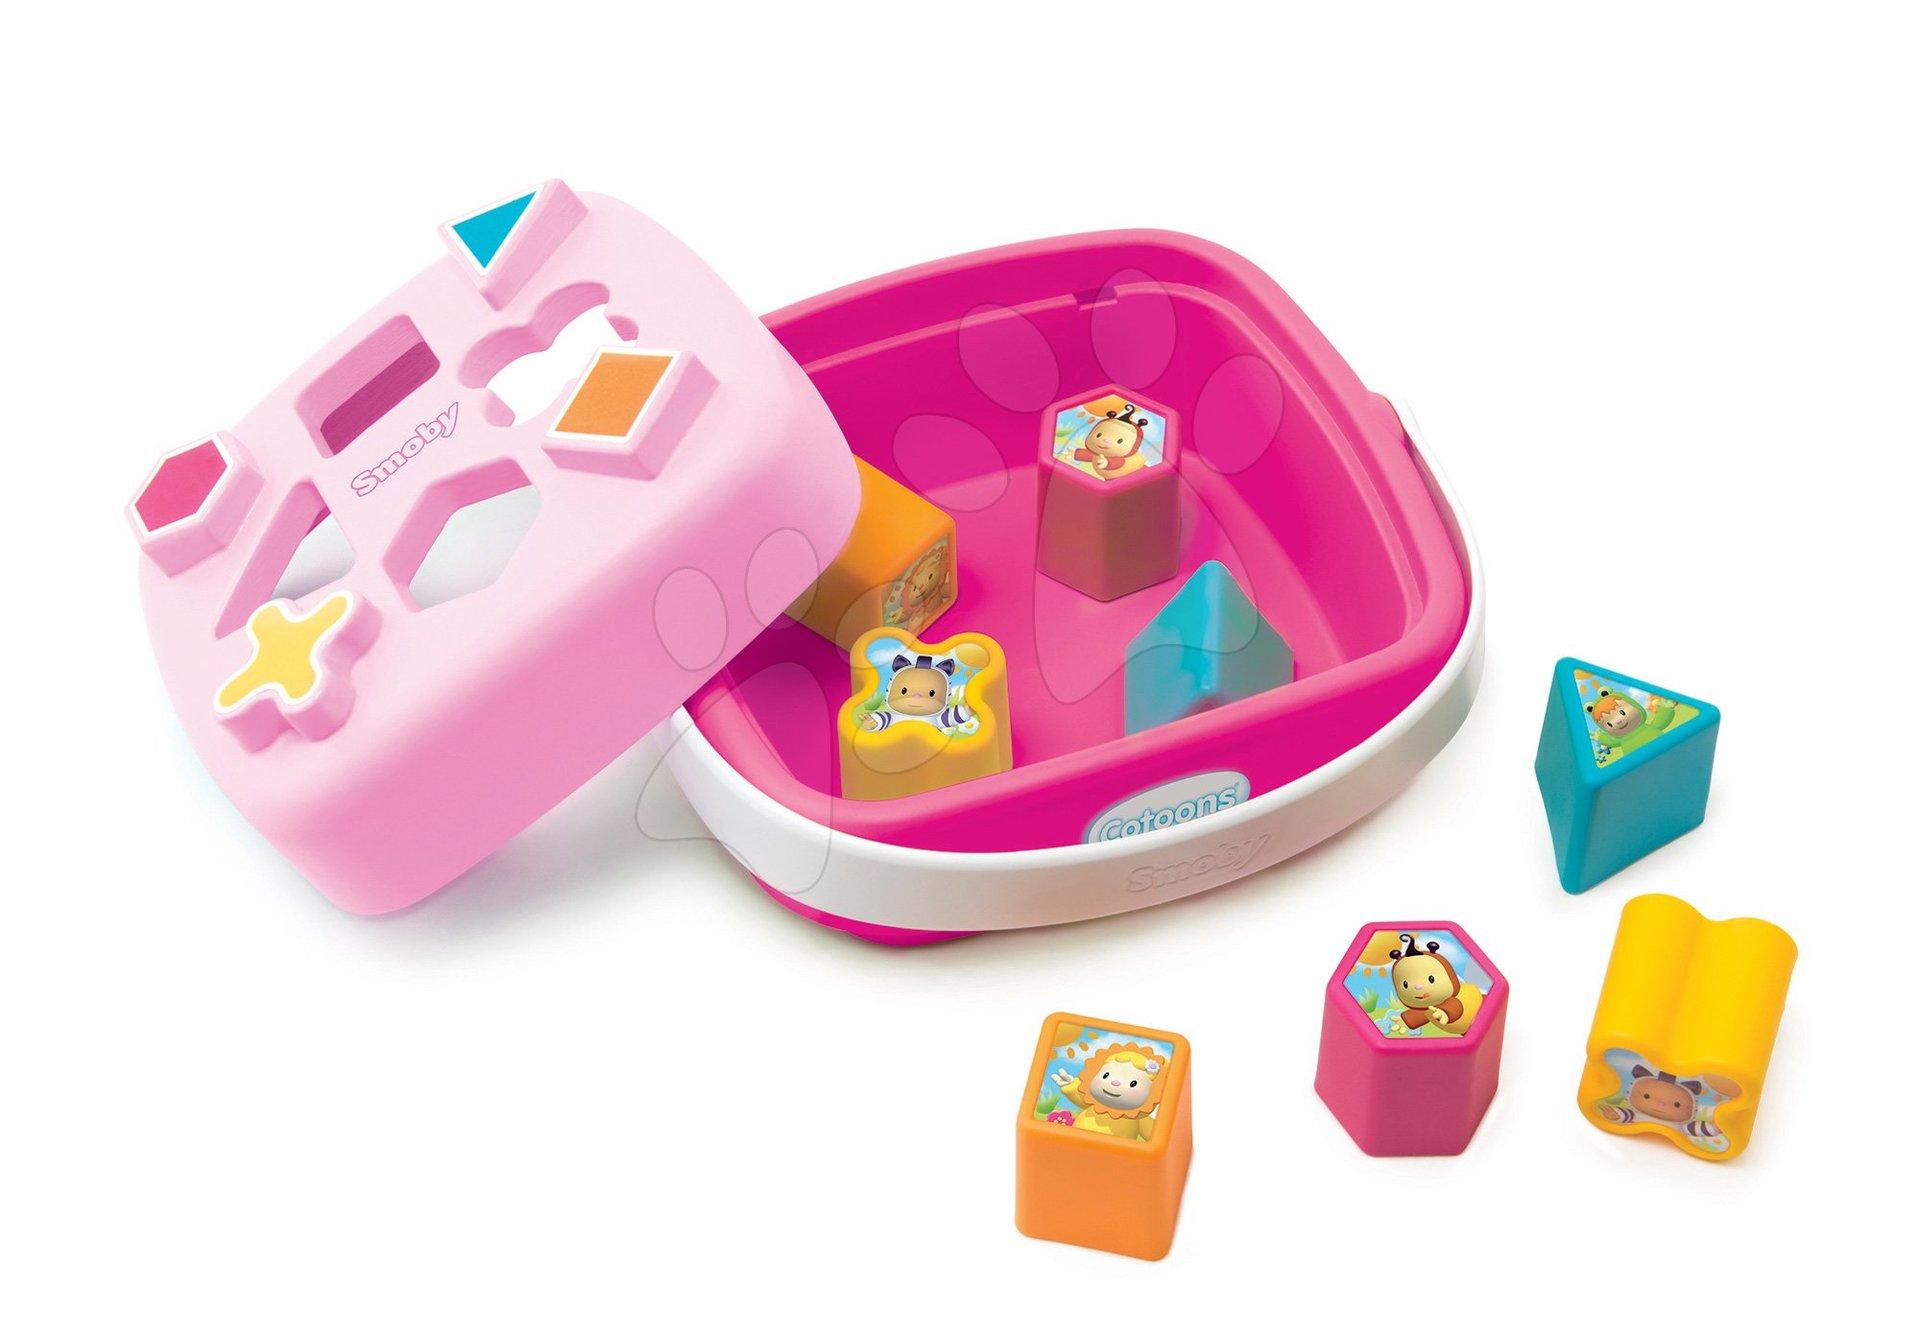 Didaktický košík Cotoons Smoby vkládací s kostkami různých tvarů růžový od 12 měsíců